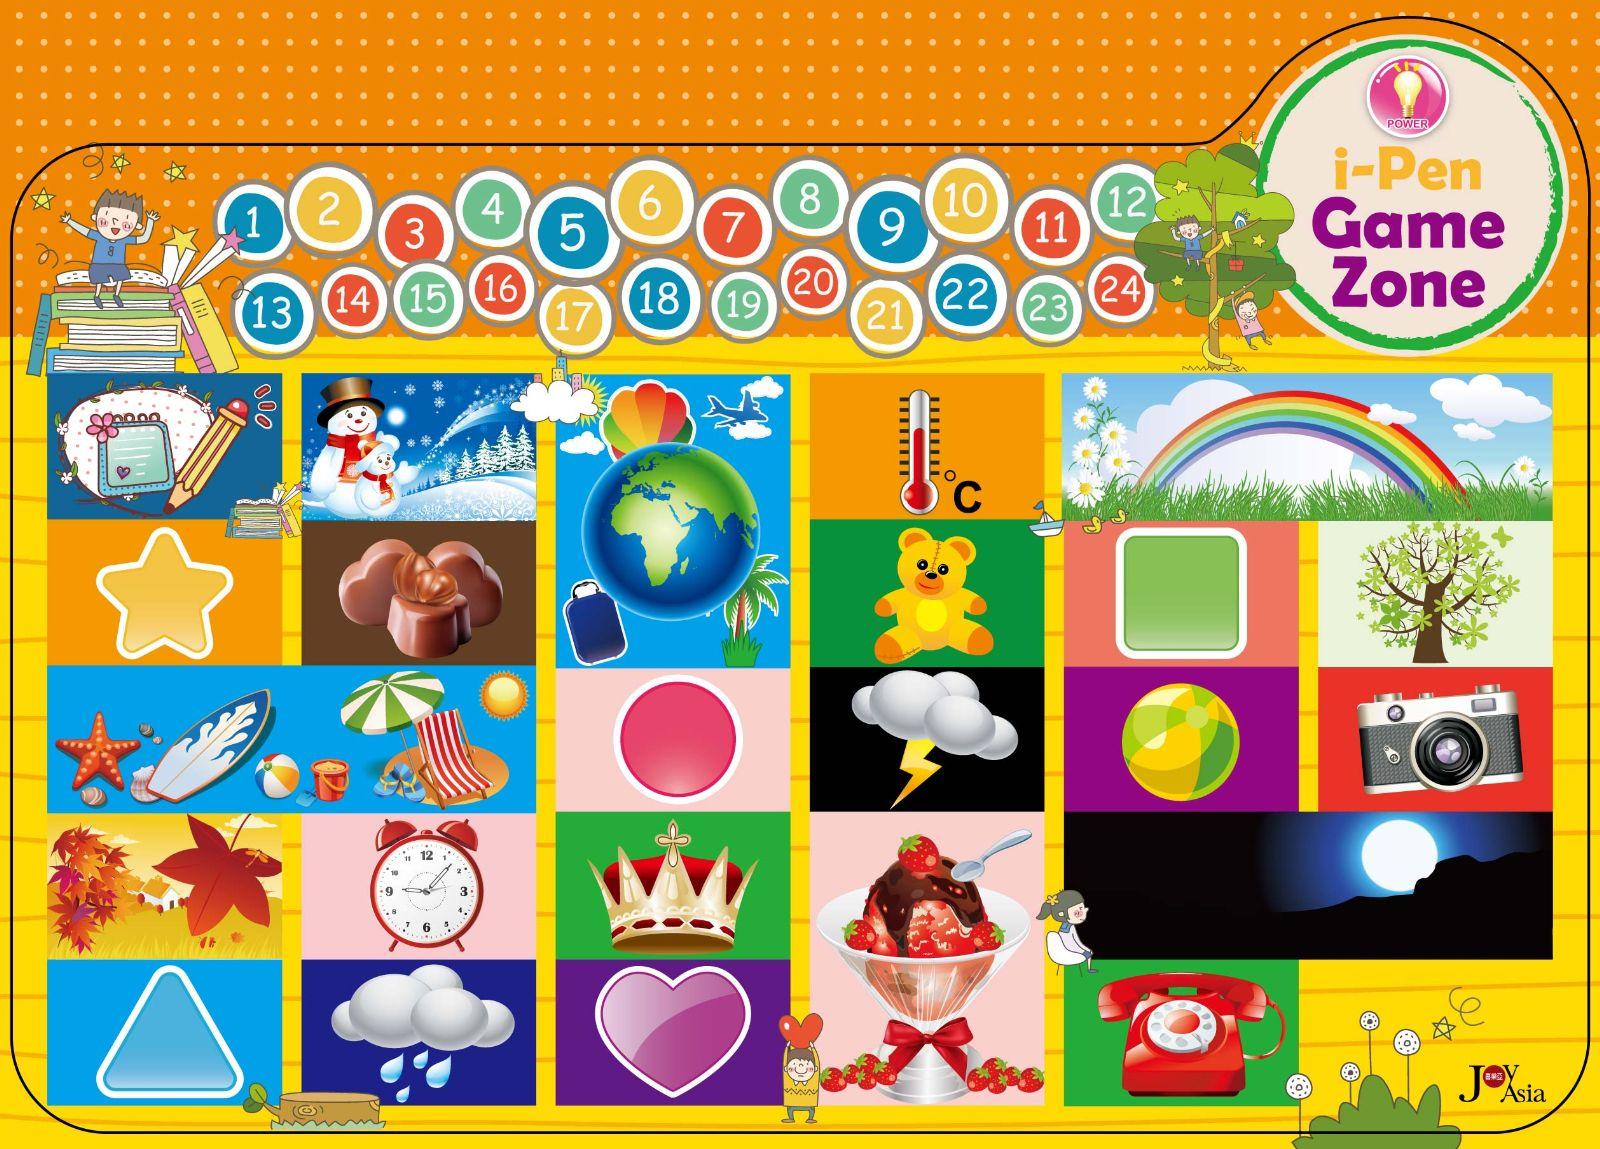 互動遊戲魔法桌墊日常對話與數字計算 培養孩子學習語言的興趣,從生活中的對話用語學起,讓學習更加有效率!24句常用日常生活對話和數字計算,讓孩子習慣雙語的成長環境,原來學習英語和中文是那麼簡單的事!(點圖看大圖)   互動遊戲魔法桌墊故事歷險與動物世界 童話故事裡有好多動物等著和你說hello!超過30種動物、雙語童話故事,藉由聽故事學習單字詞彙,讓學習更加凝聚專注力!(點圖看大圖)   互動遊戲魔法桌墊音樂世界與兒歌欣賞 學音樂的孩子不會變壞!這裡有好多好聽的兒歌一起歡唱,在學習之餘,也能接受音樂的